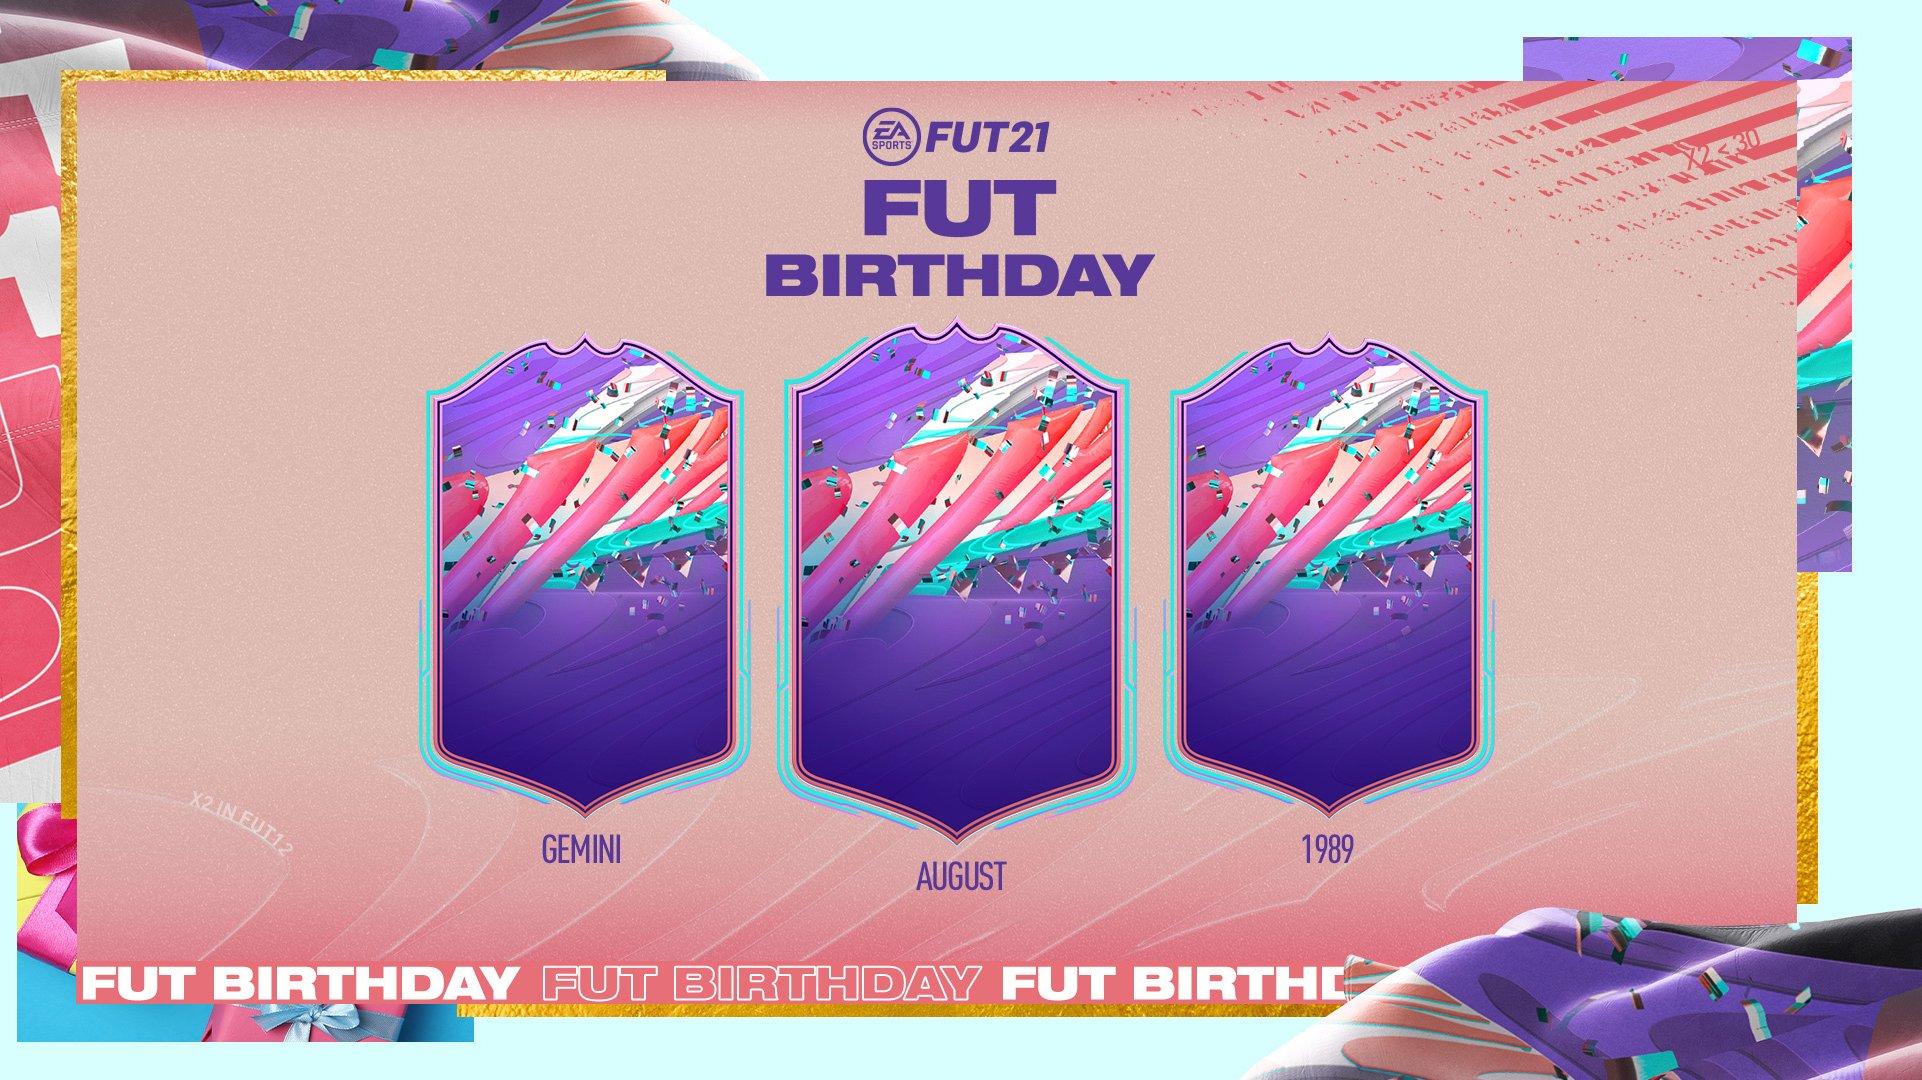 FUT Birthday sur FUT 21